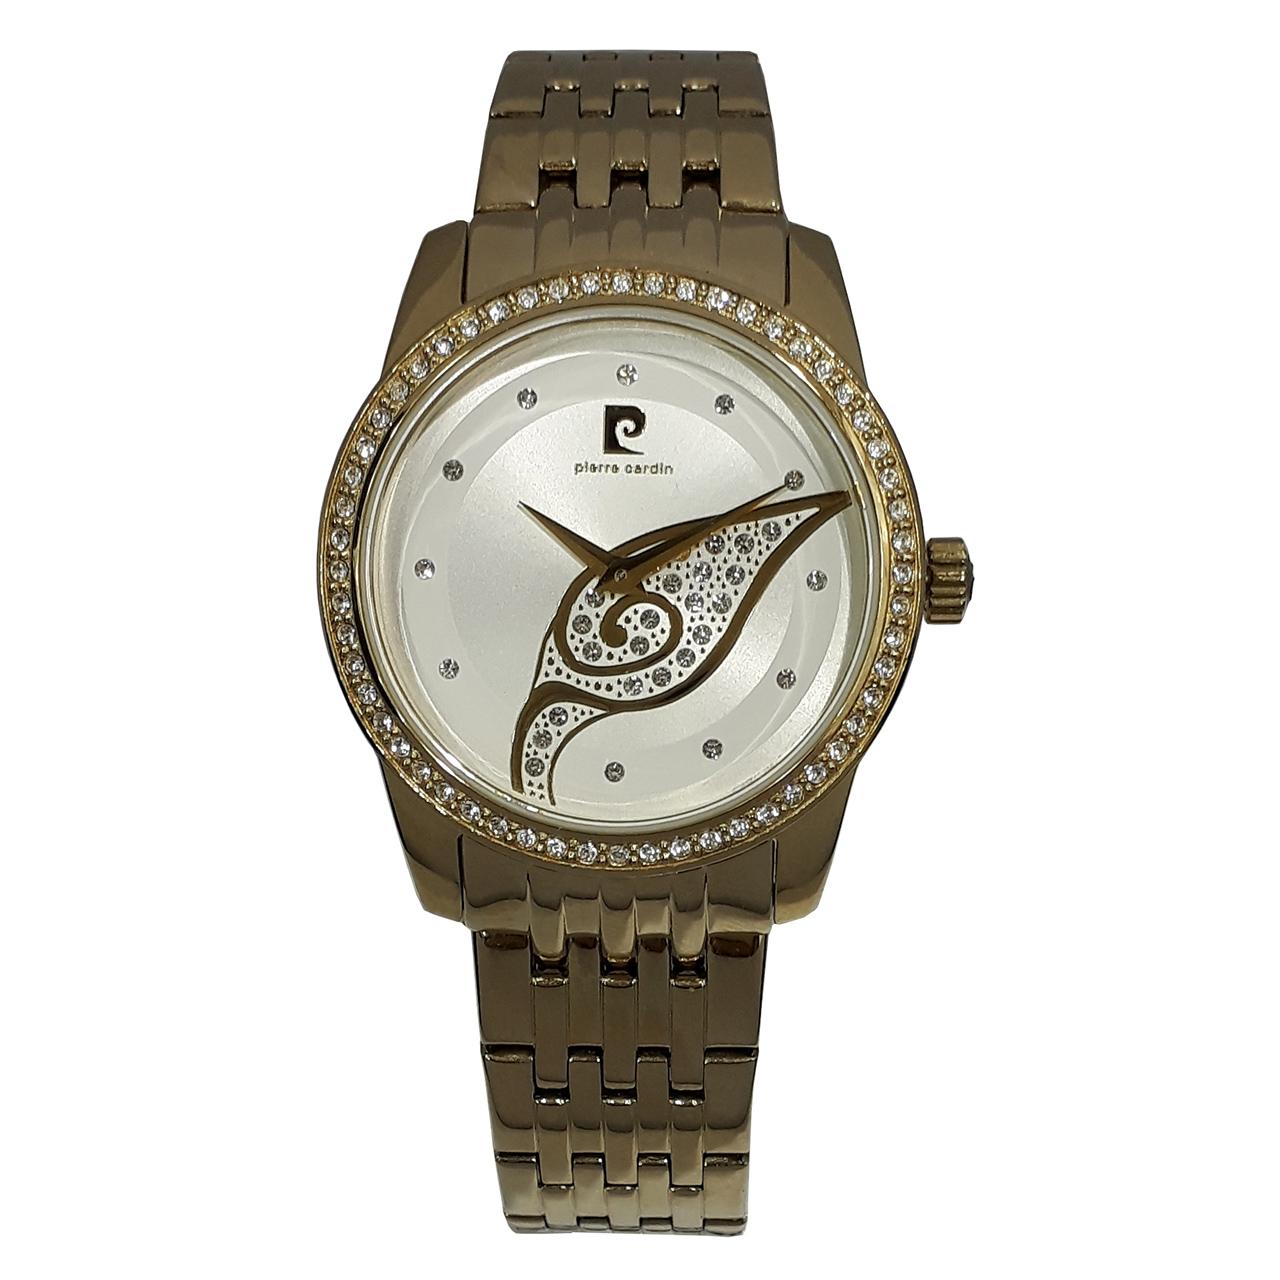 ساعت مچی عقربه ای زنانه پیر کاردین مدل PC106172F22